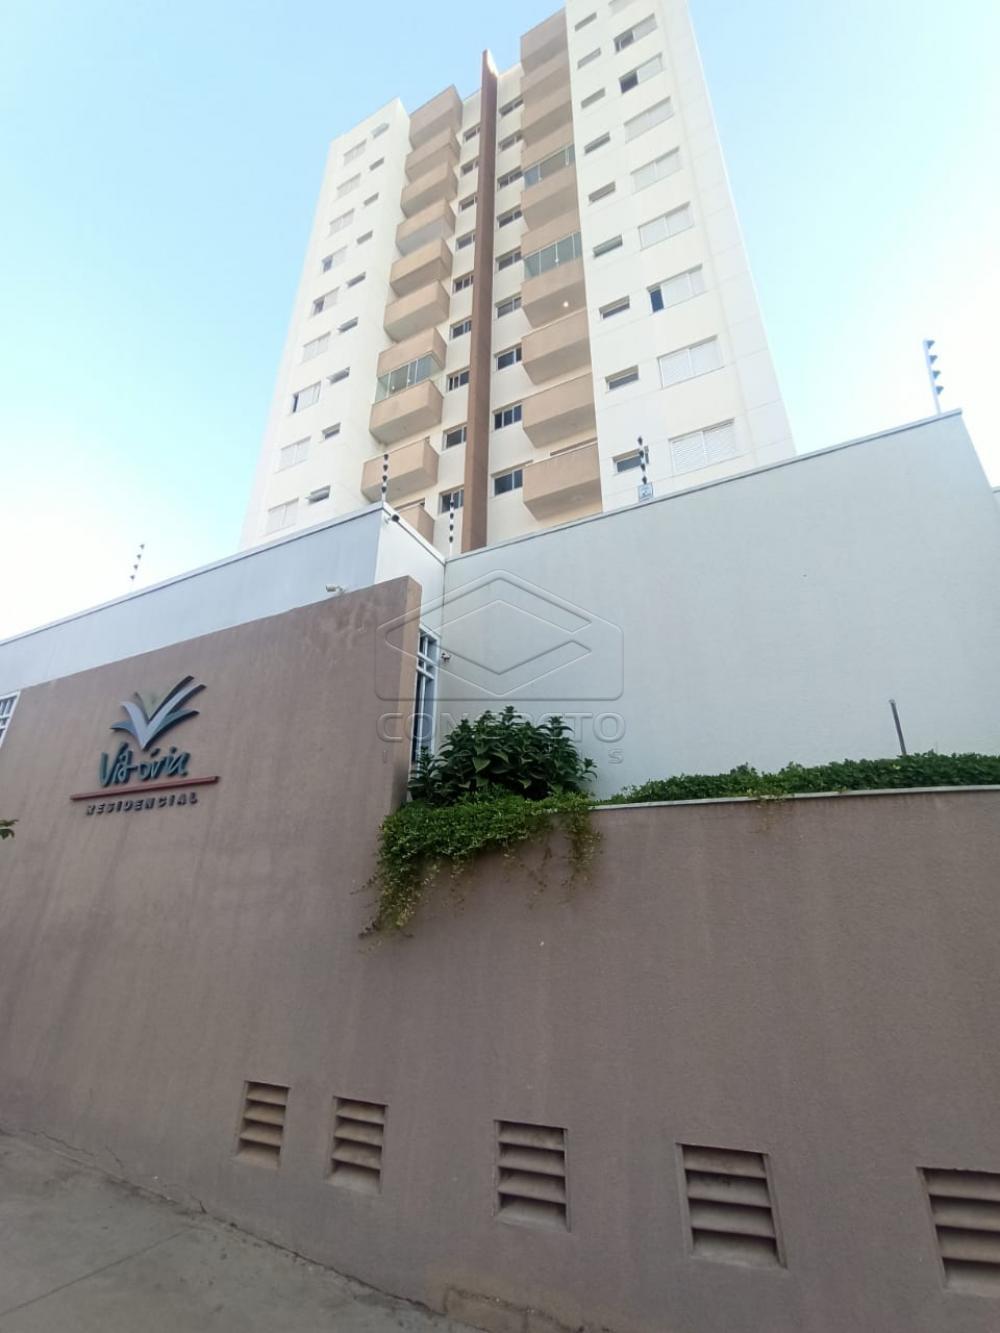 Alugar Apartamento / Padrão em Bauru R$ 1.200,00 - Foto 1